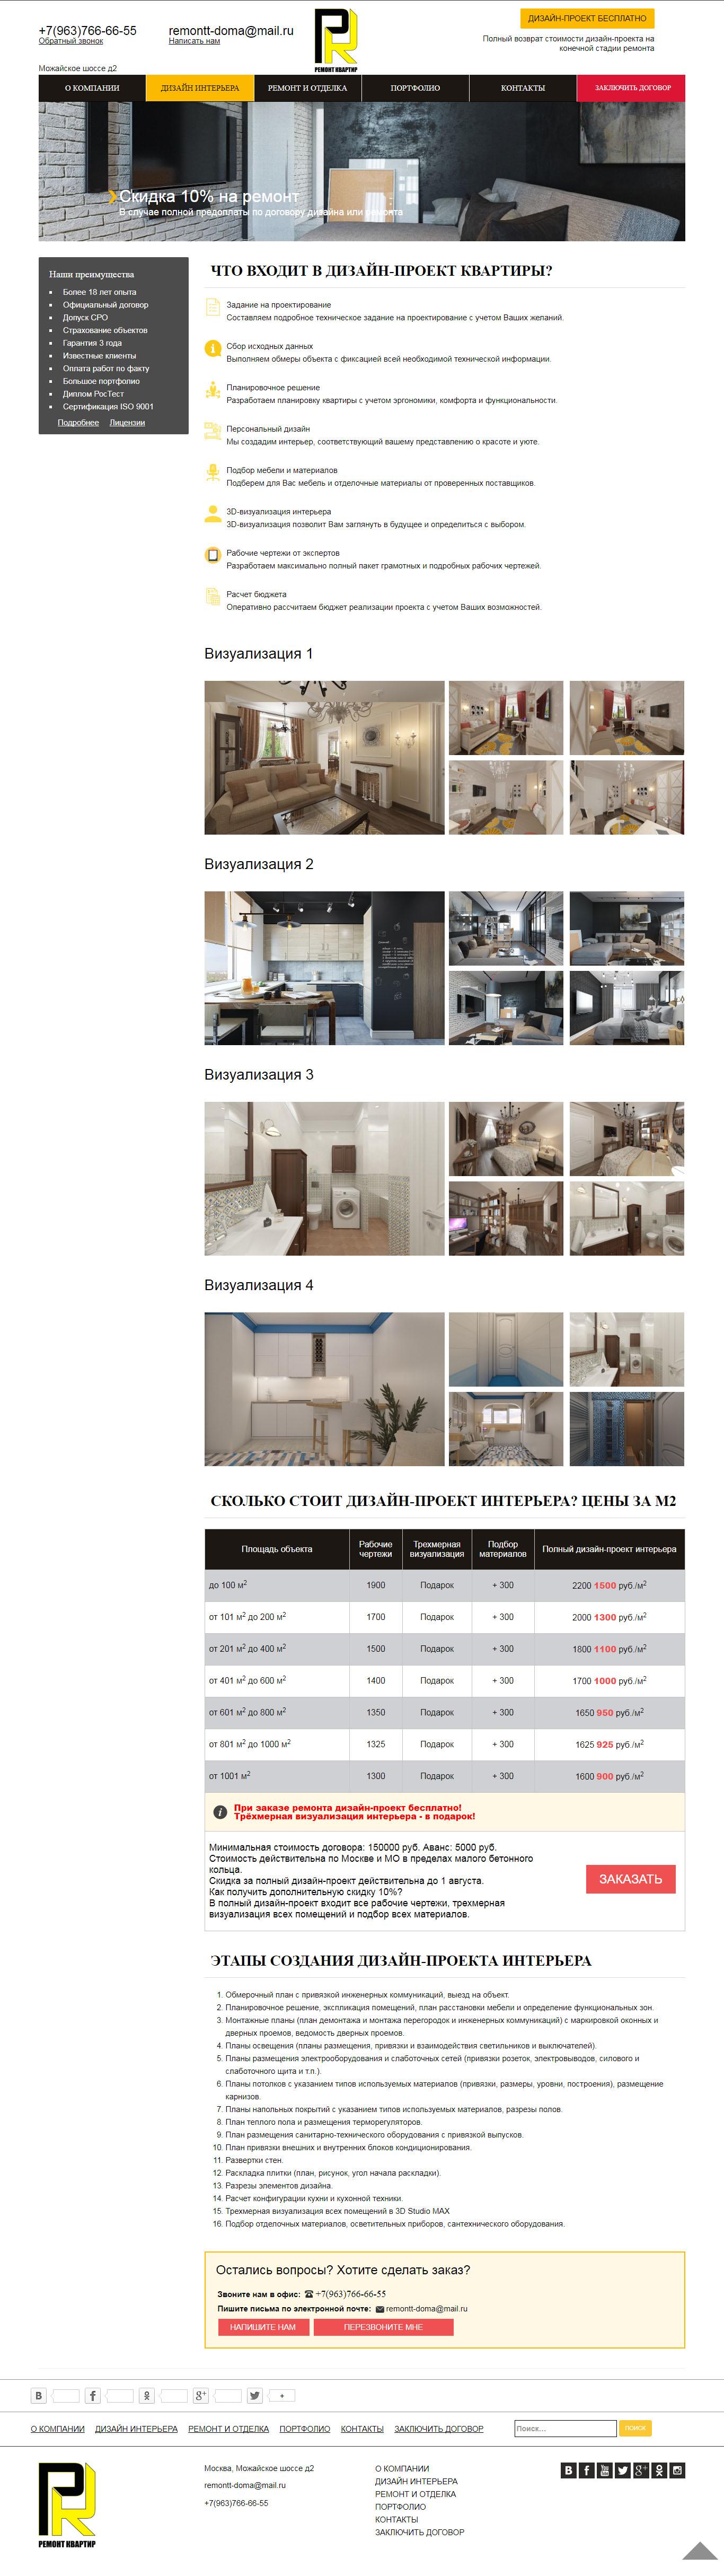 Создание сайта Ремонт квартир и домов